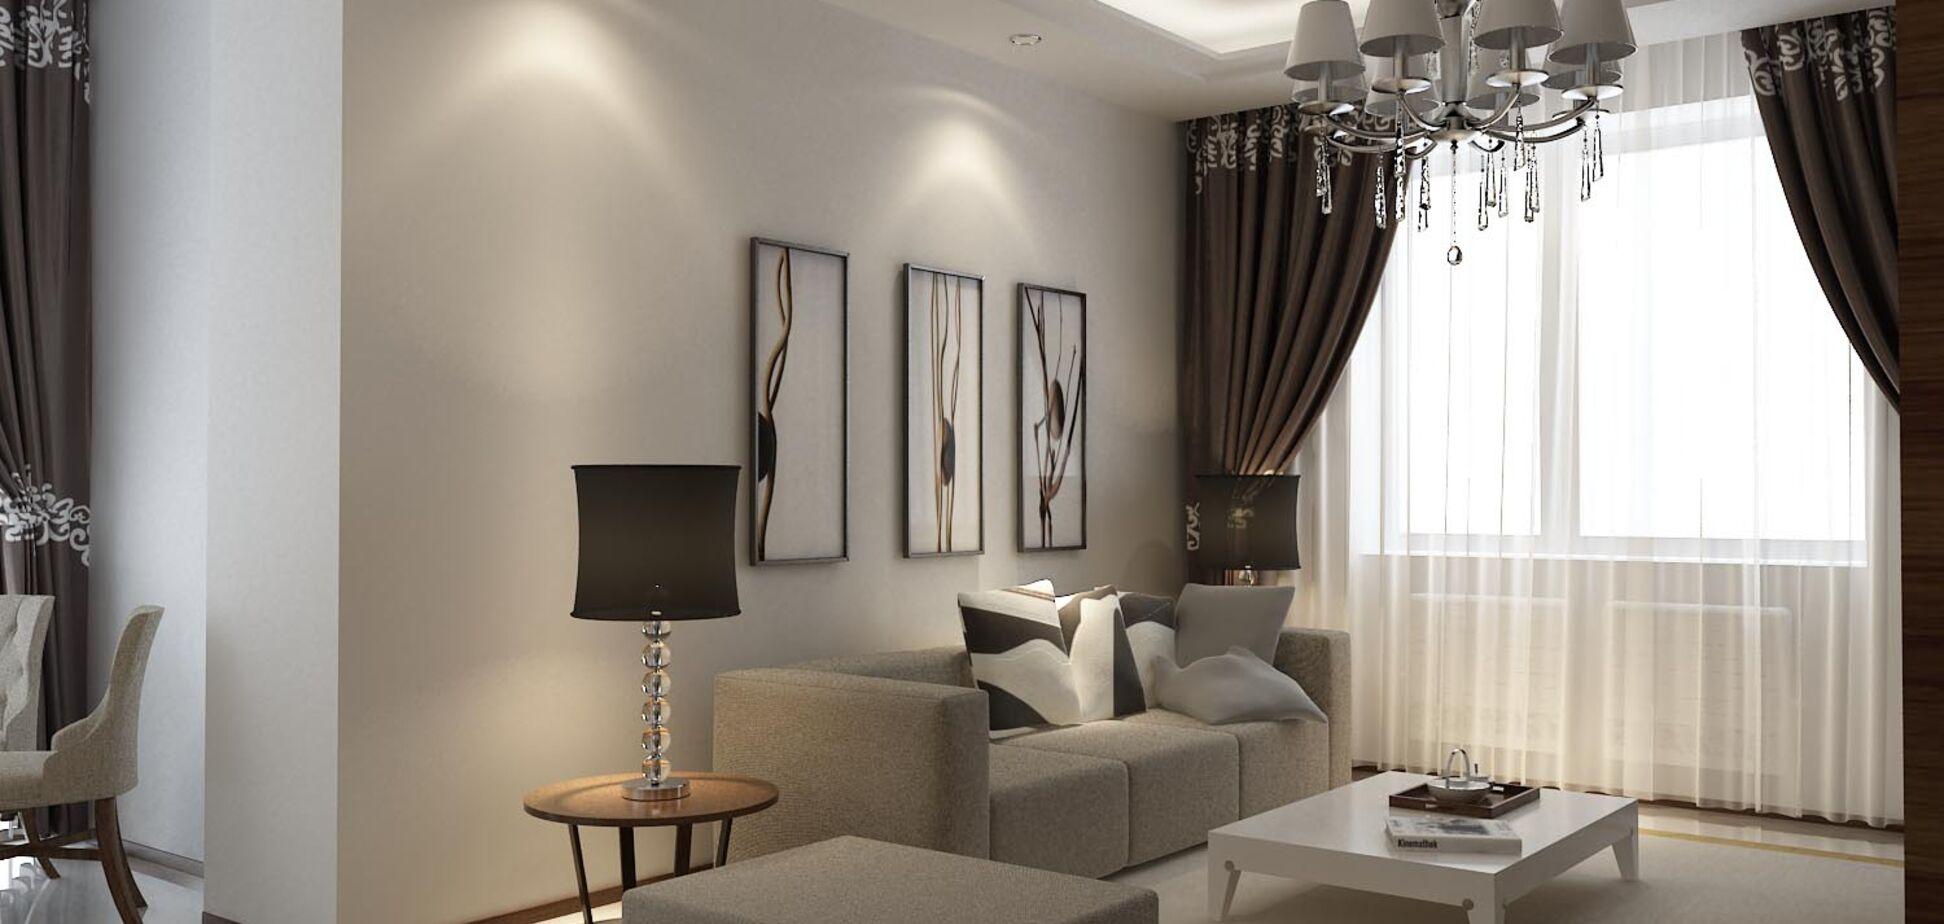 Покупка квартиры в Киеве: как летом купить дешевле